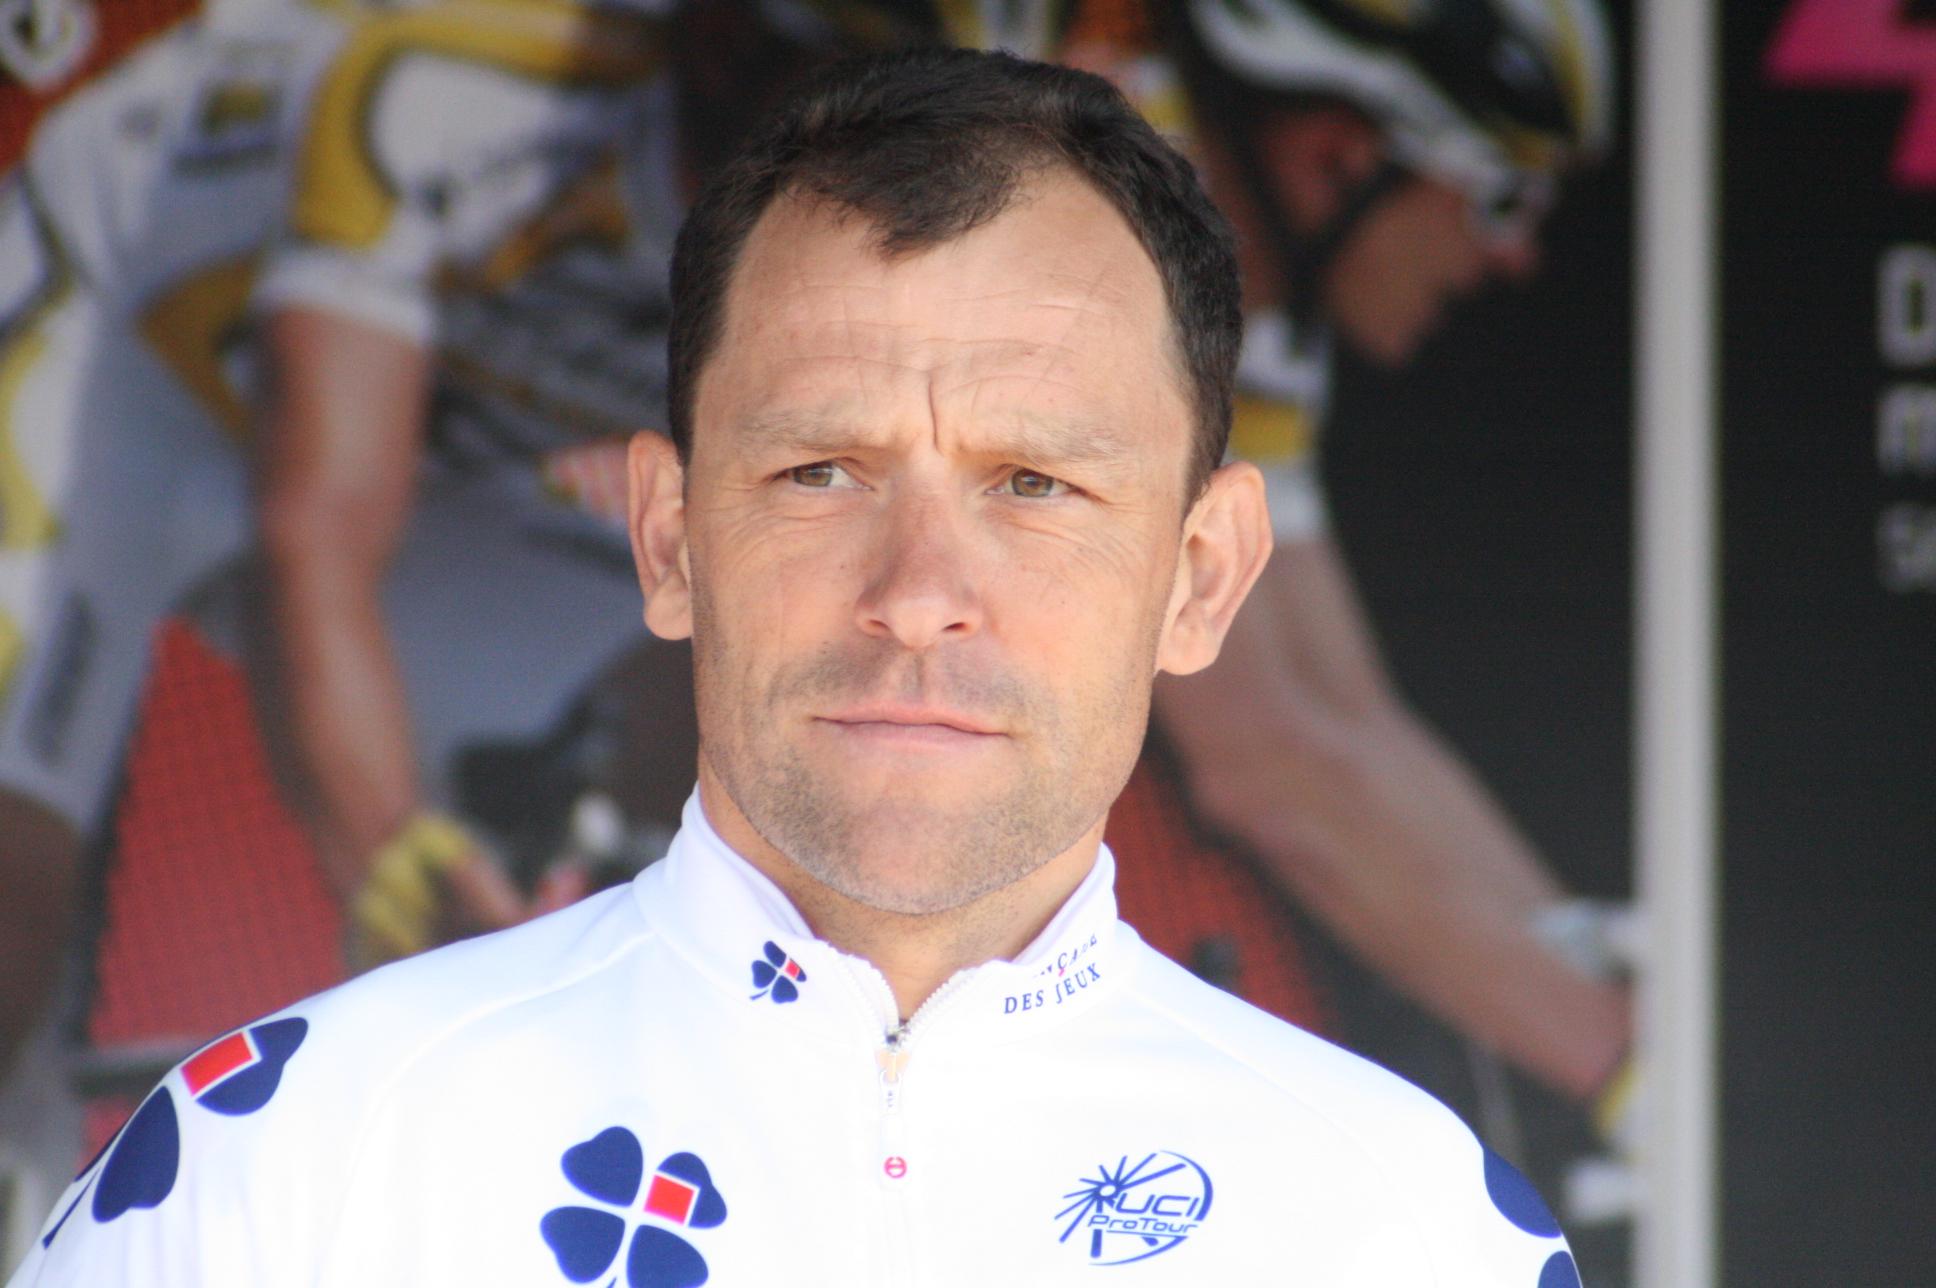 Fréderic Guesdon